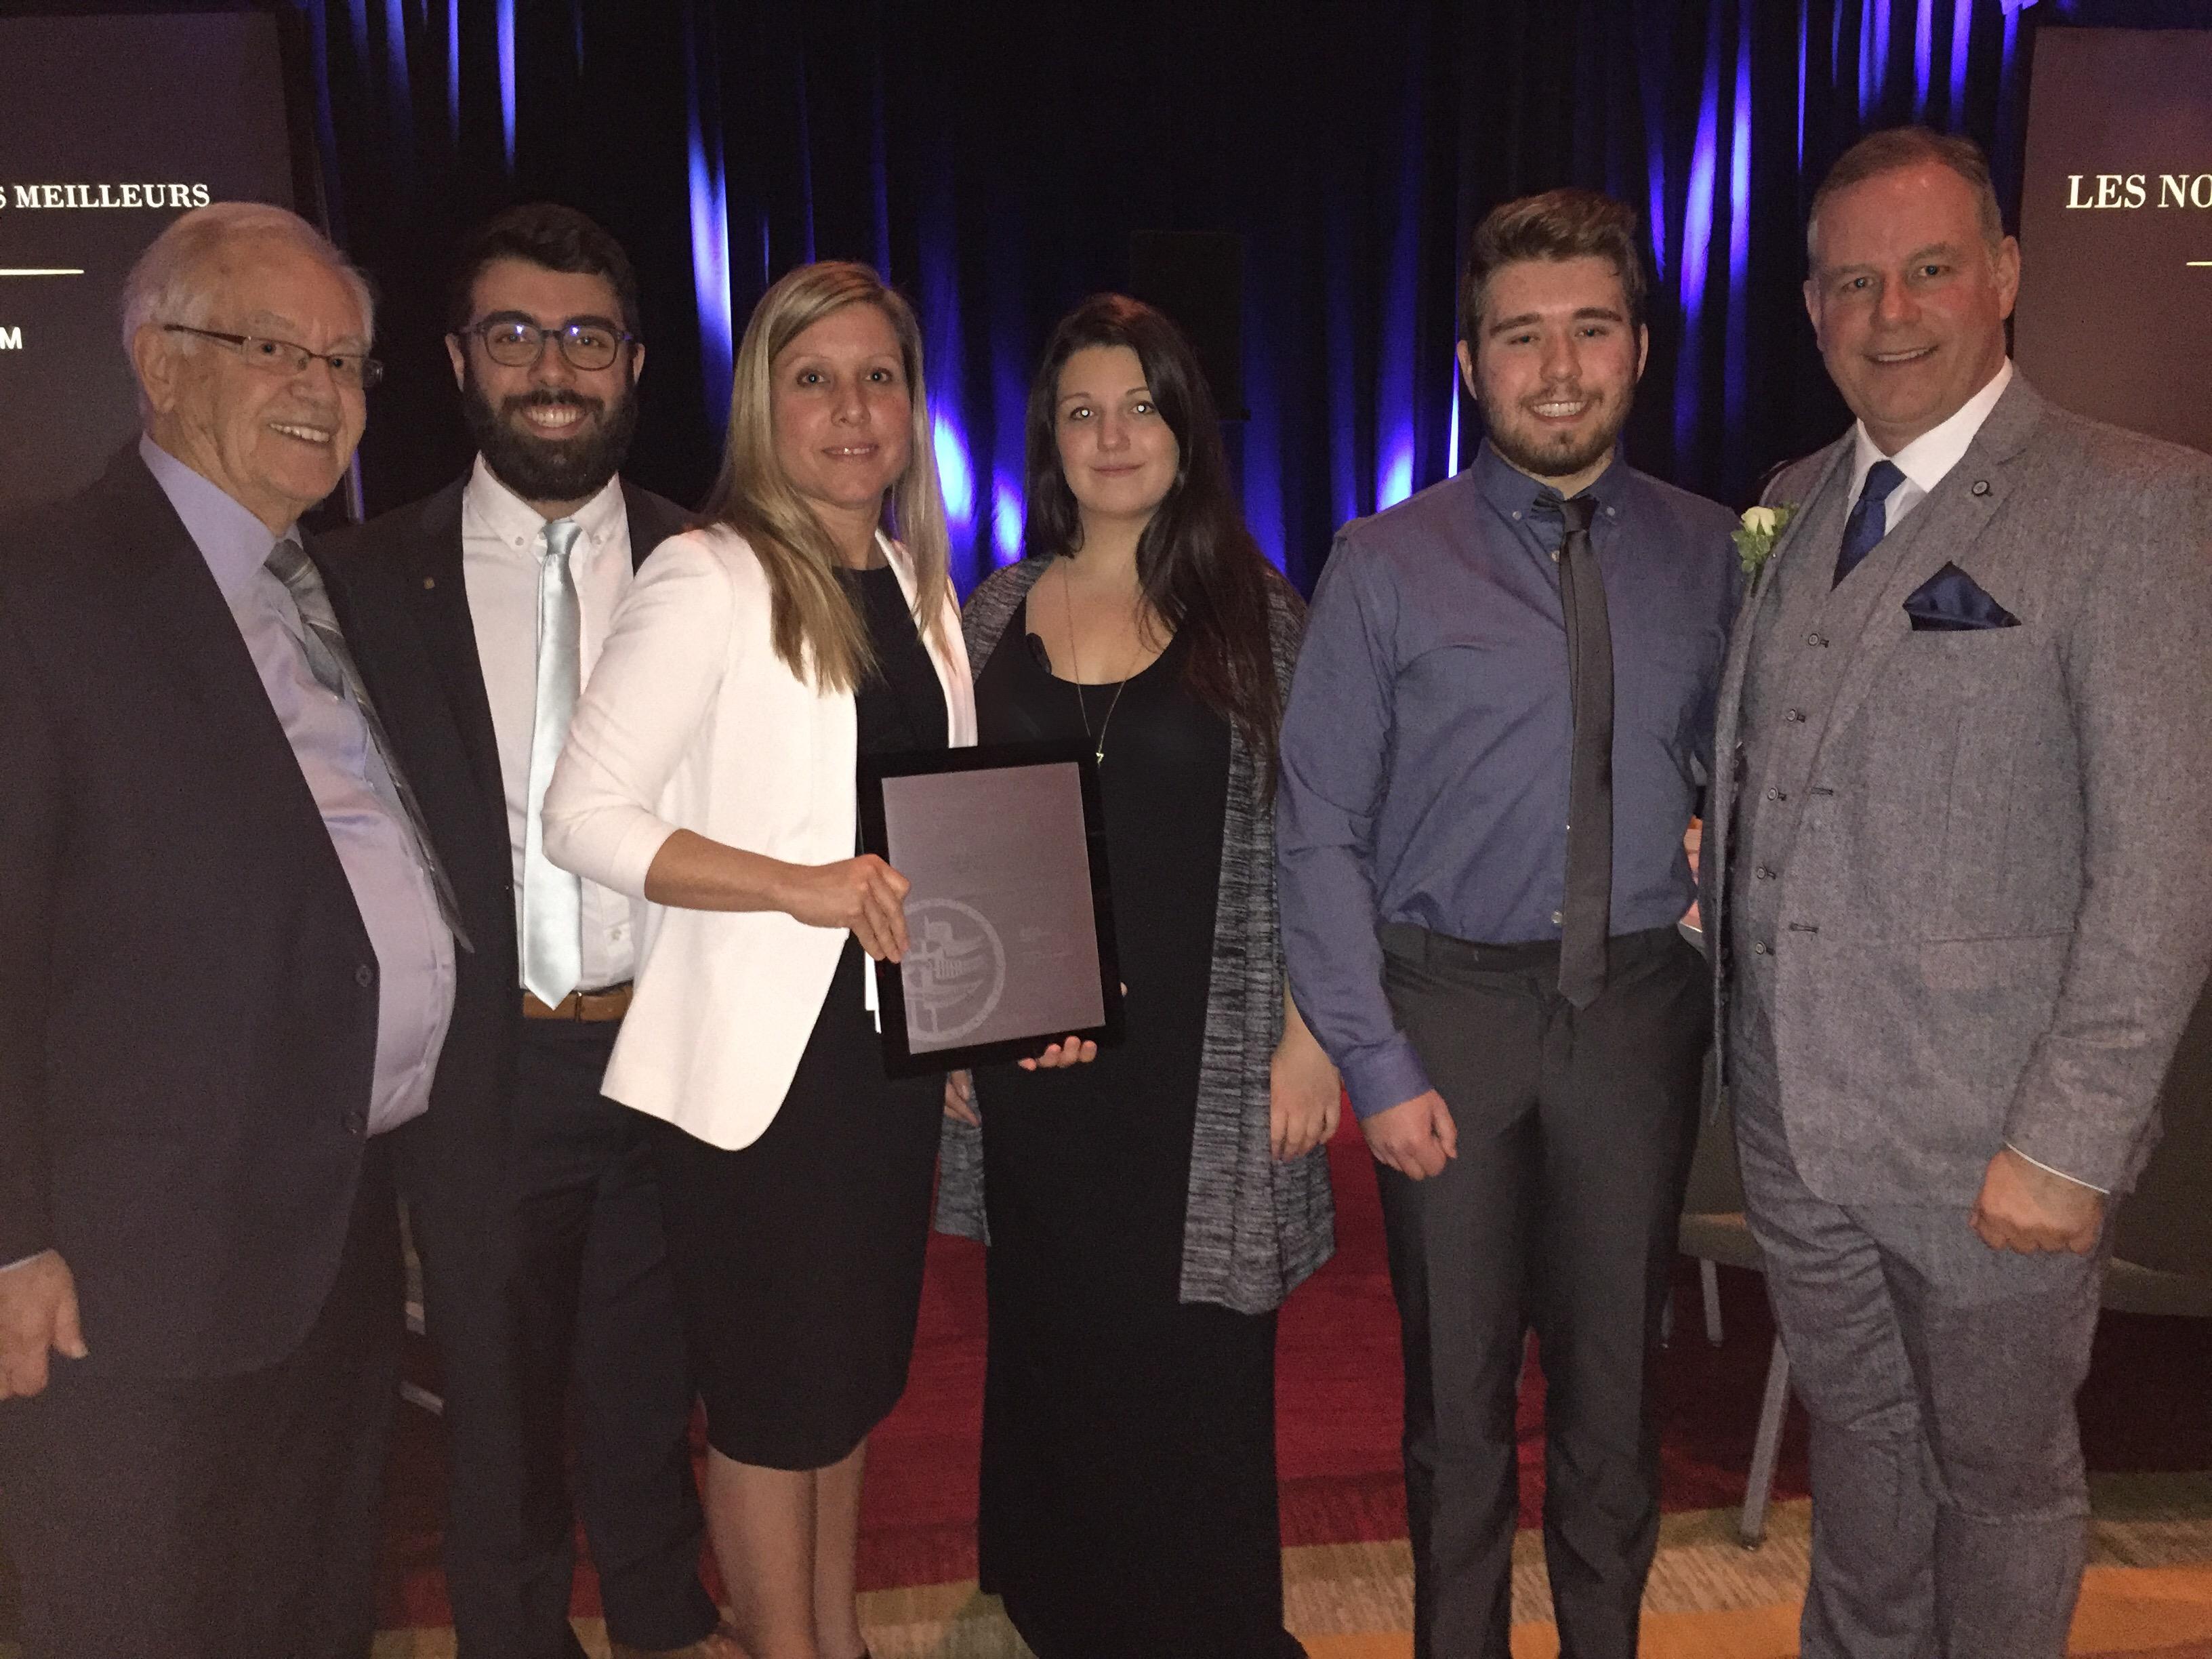 Le président de Sandoz Canada reçoit un prix honorifique